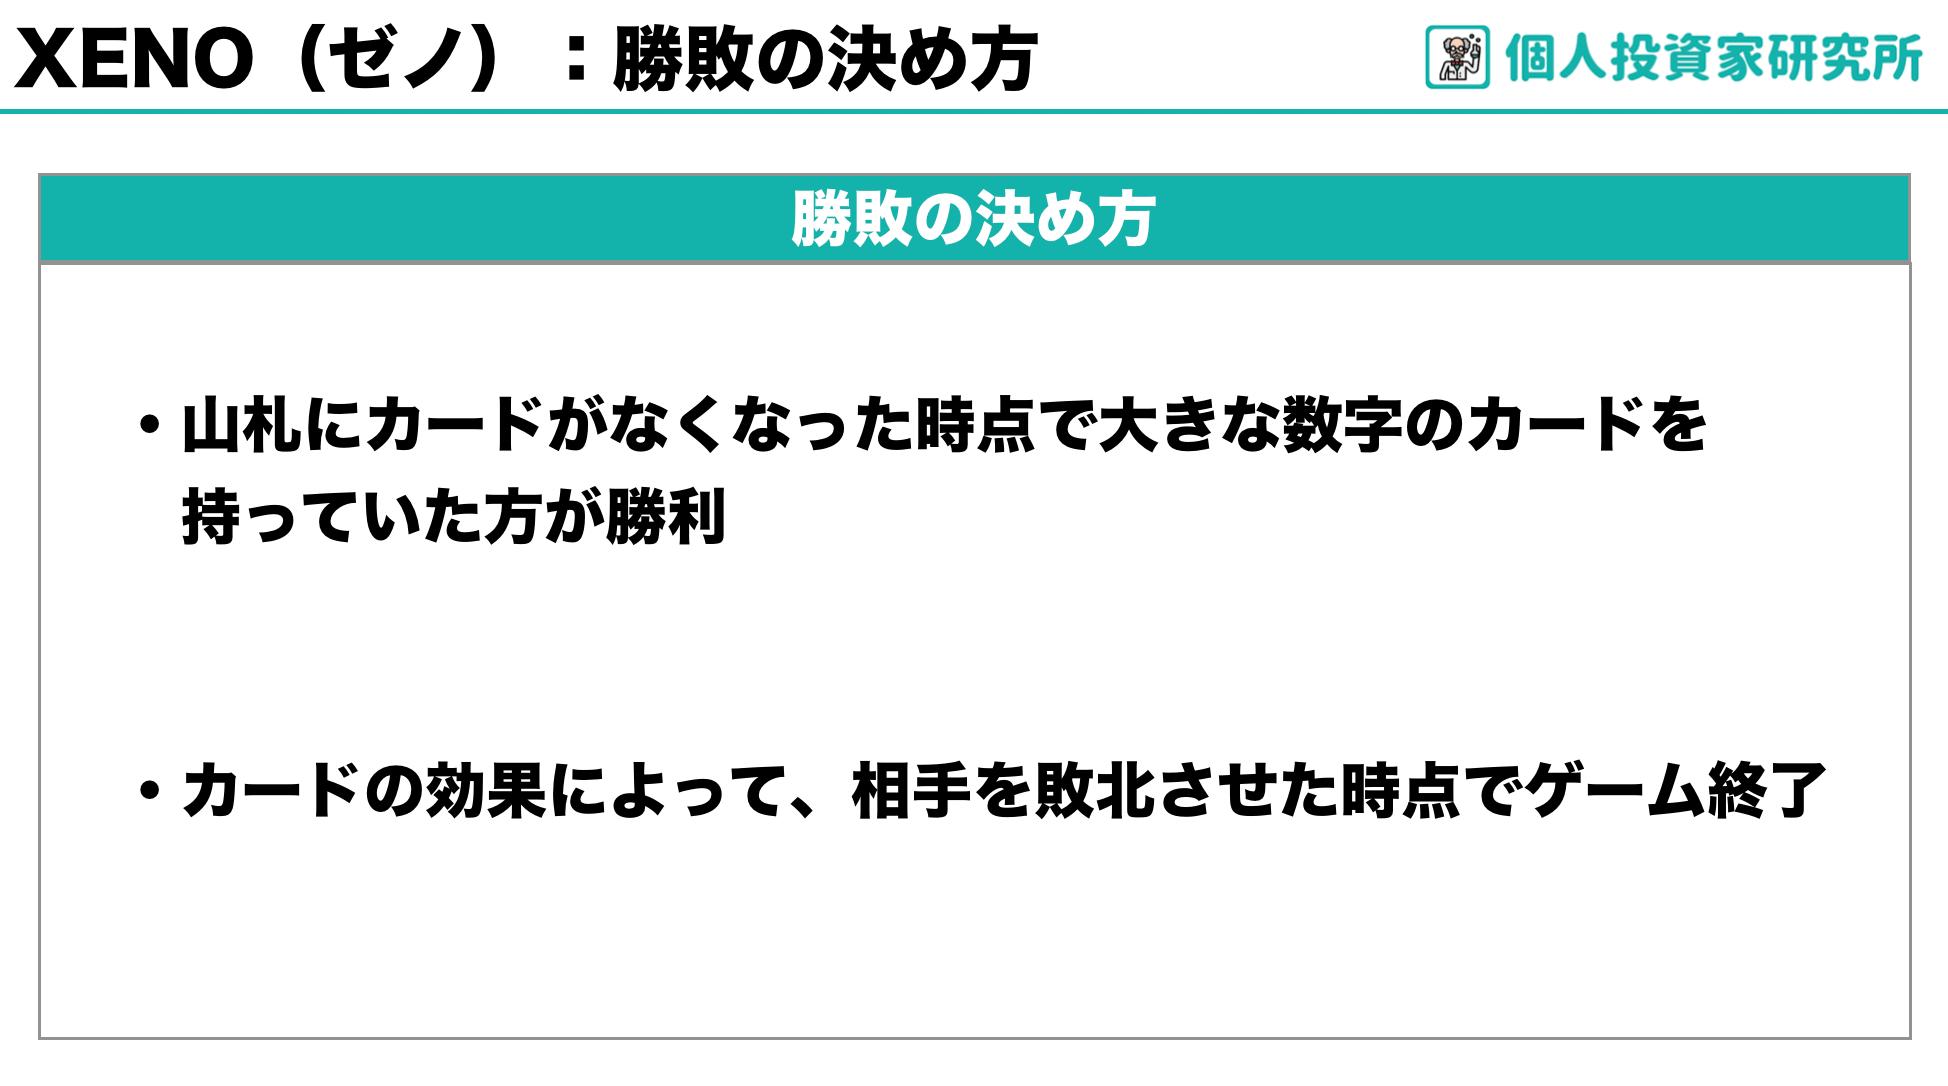 【ルール】中田敦彦さん考案のカードゲーム・XENO(ゼノ)2